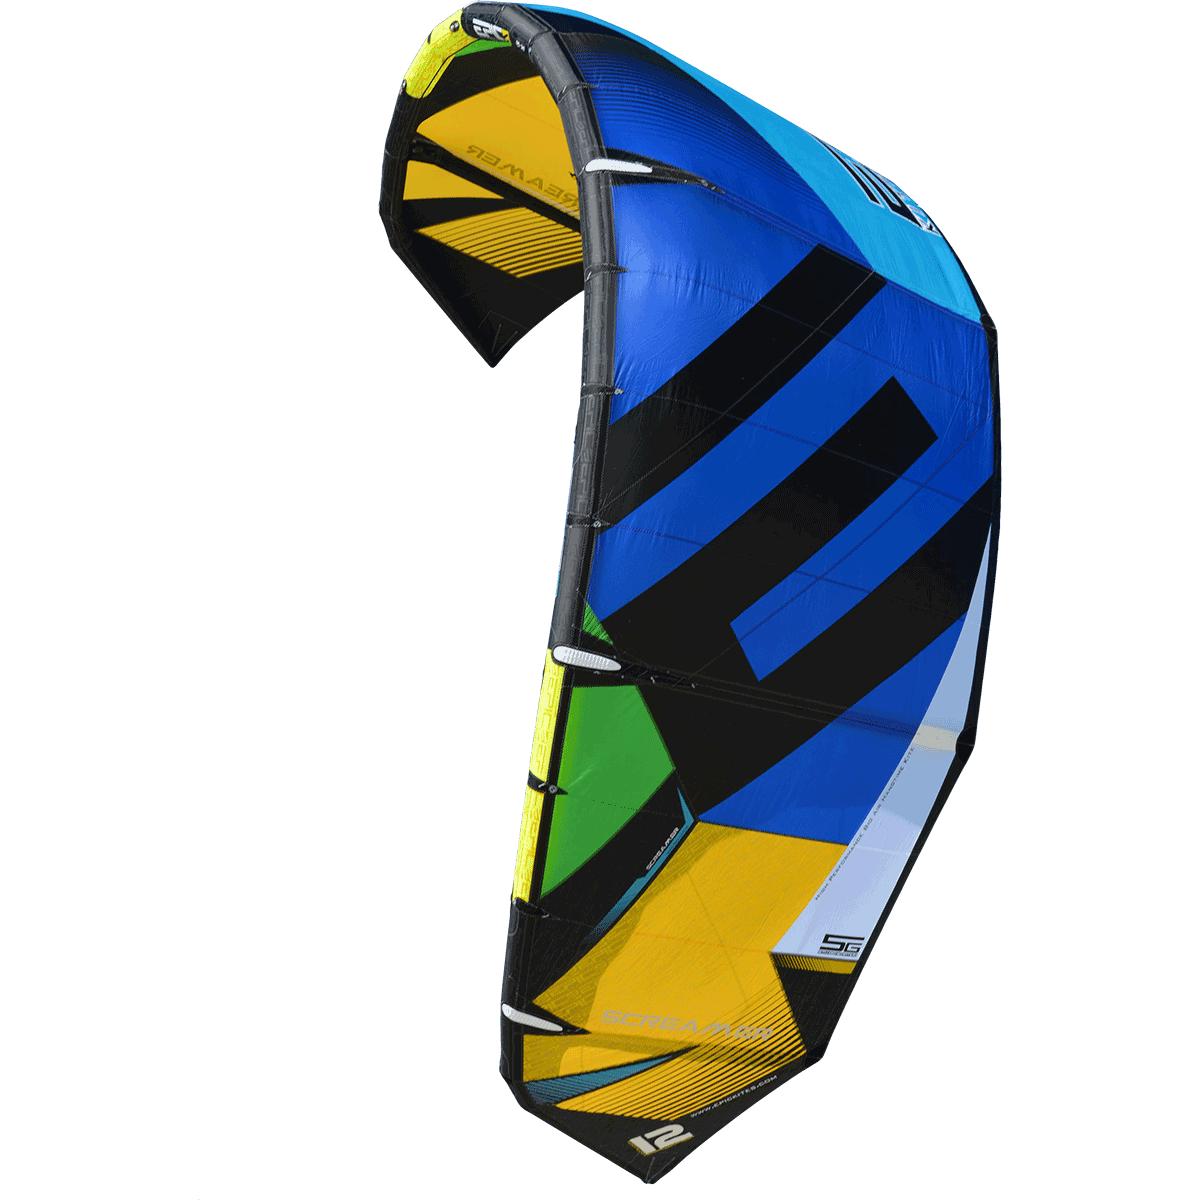 Screamer 5G Chameleon